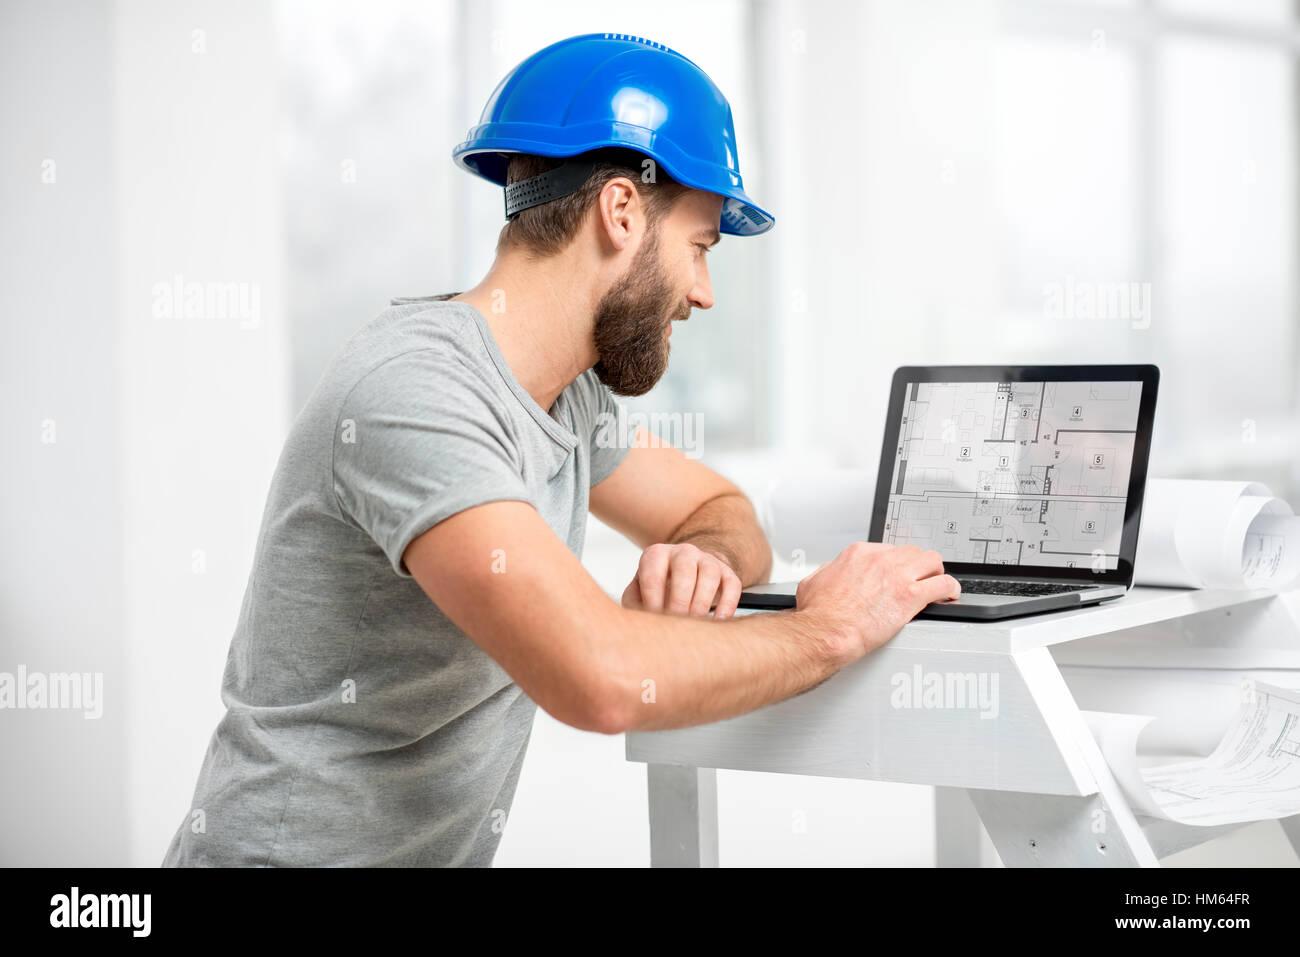 Architetto lavora con computer portatile presso la struttura interno Immagini Stock